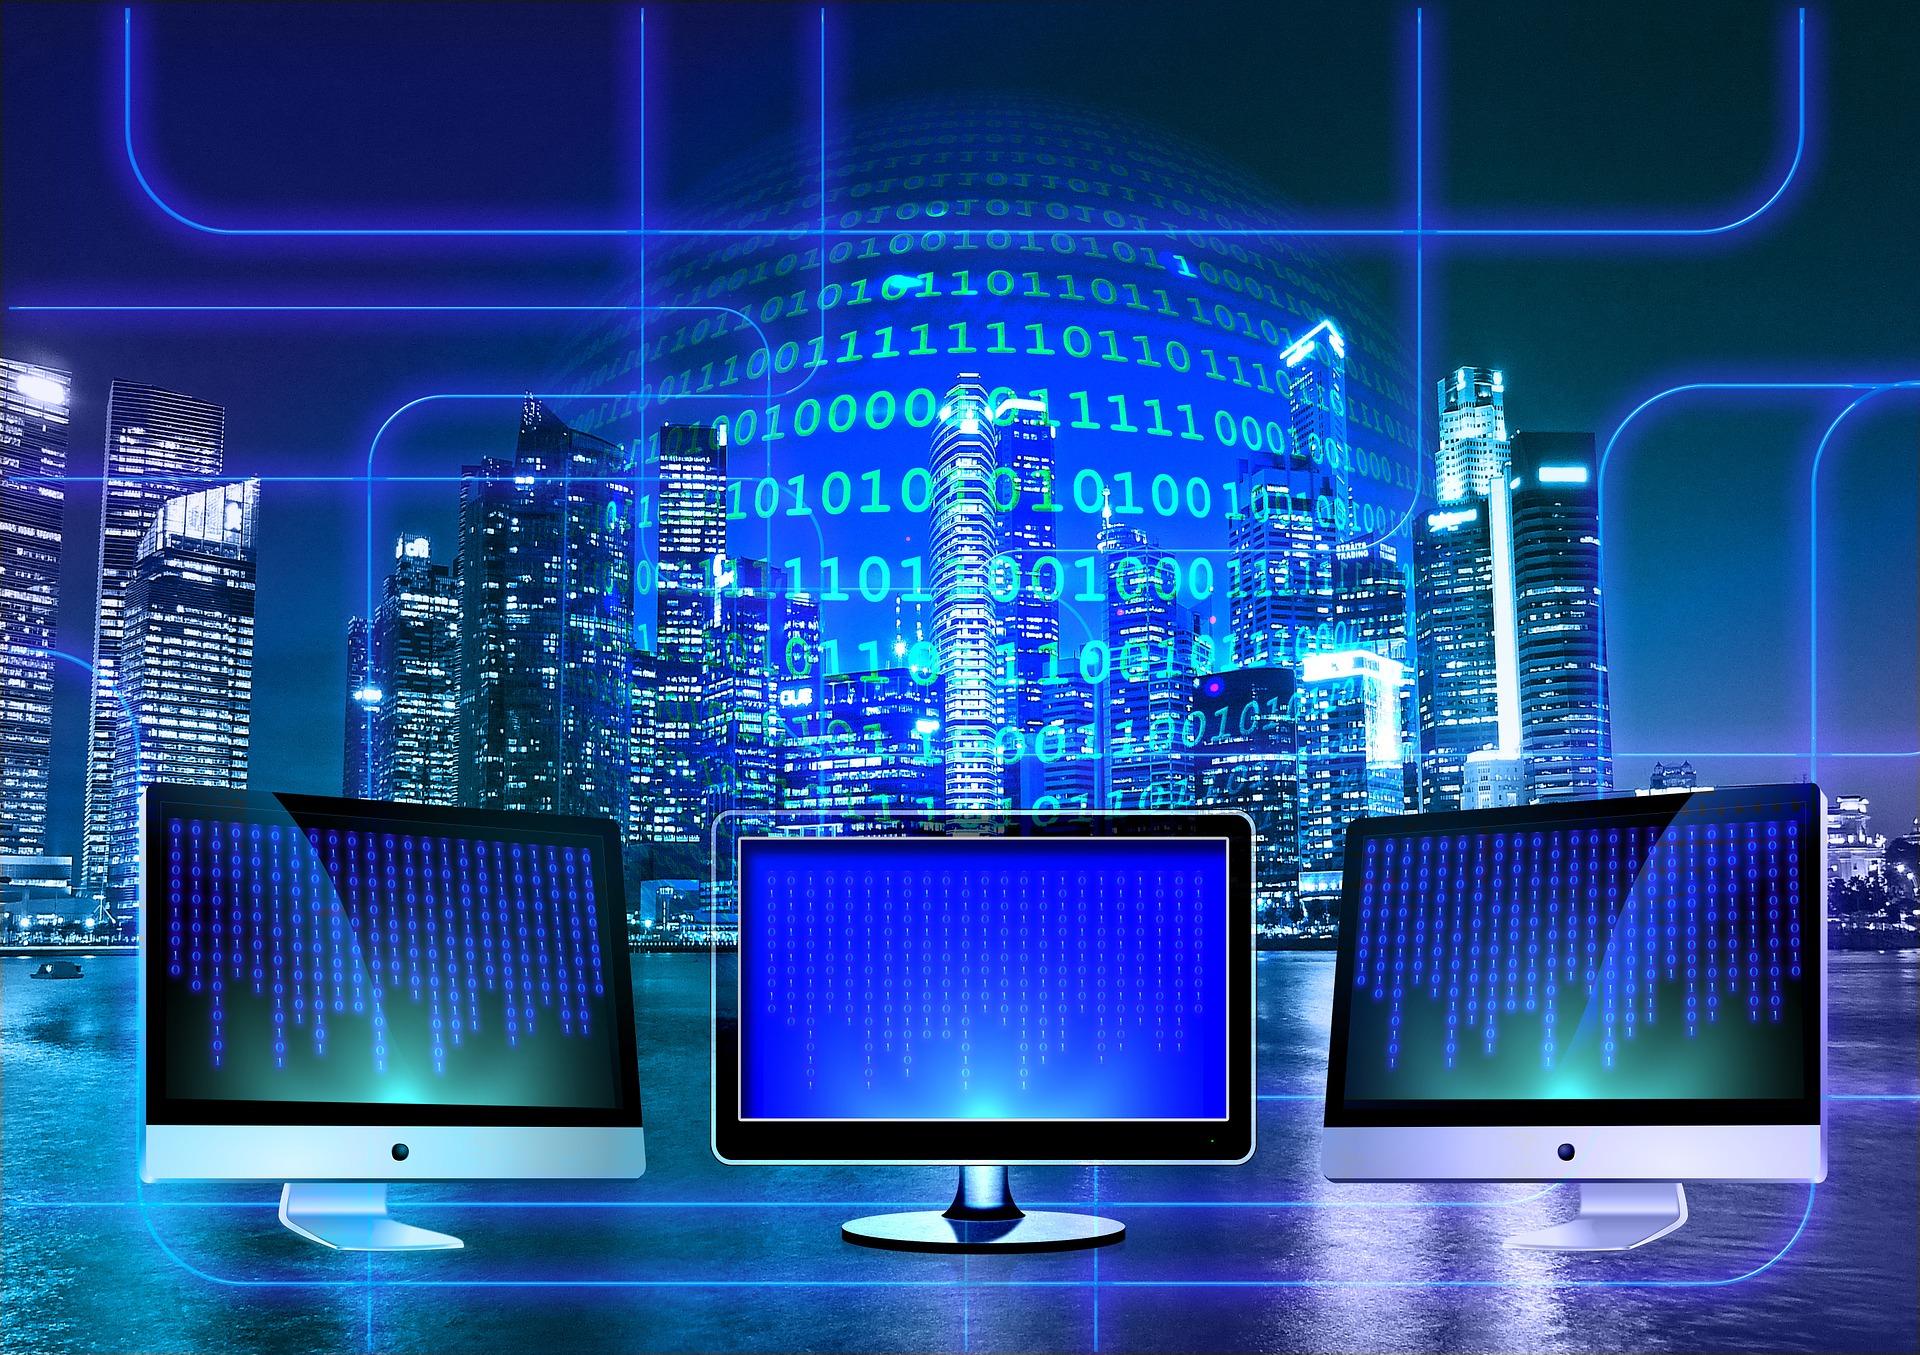 Imagem ilustrativa para o projeto Participact Brasil. São três computadores em frente a um globo